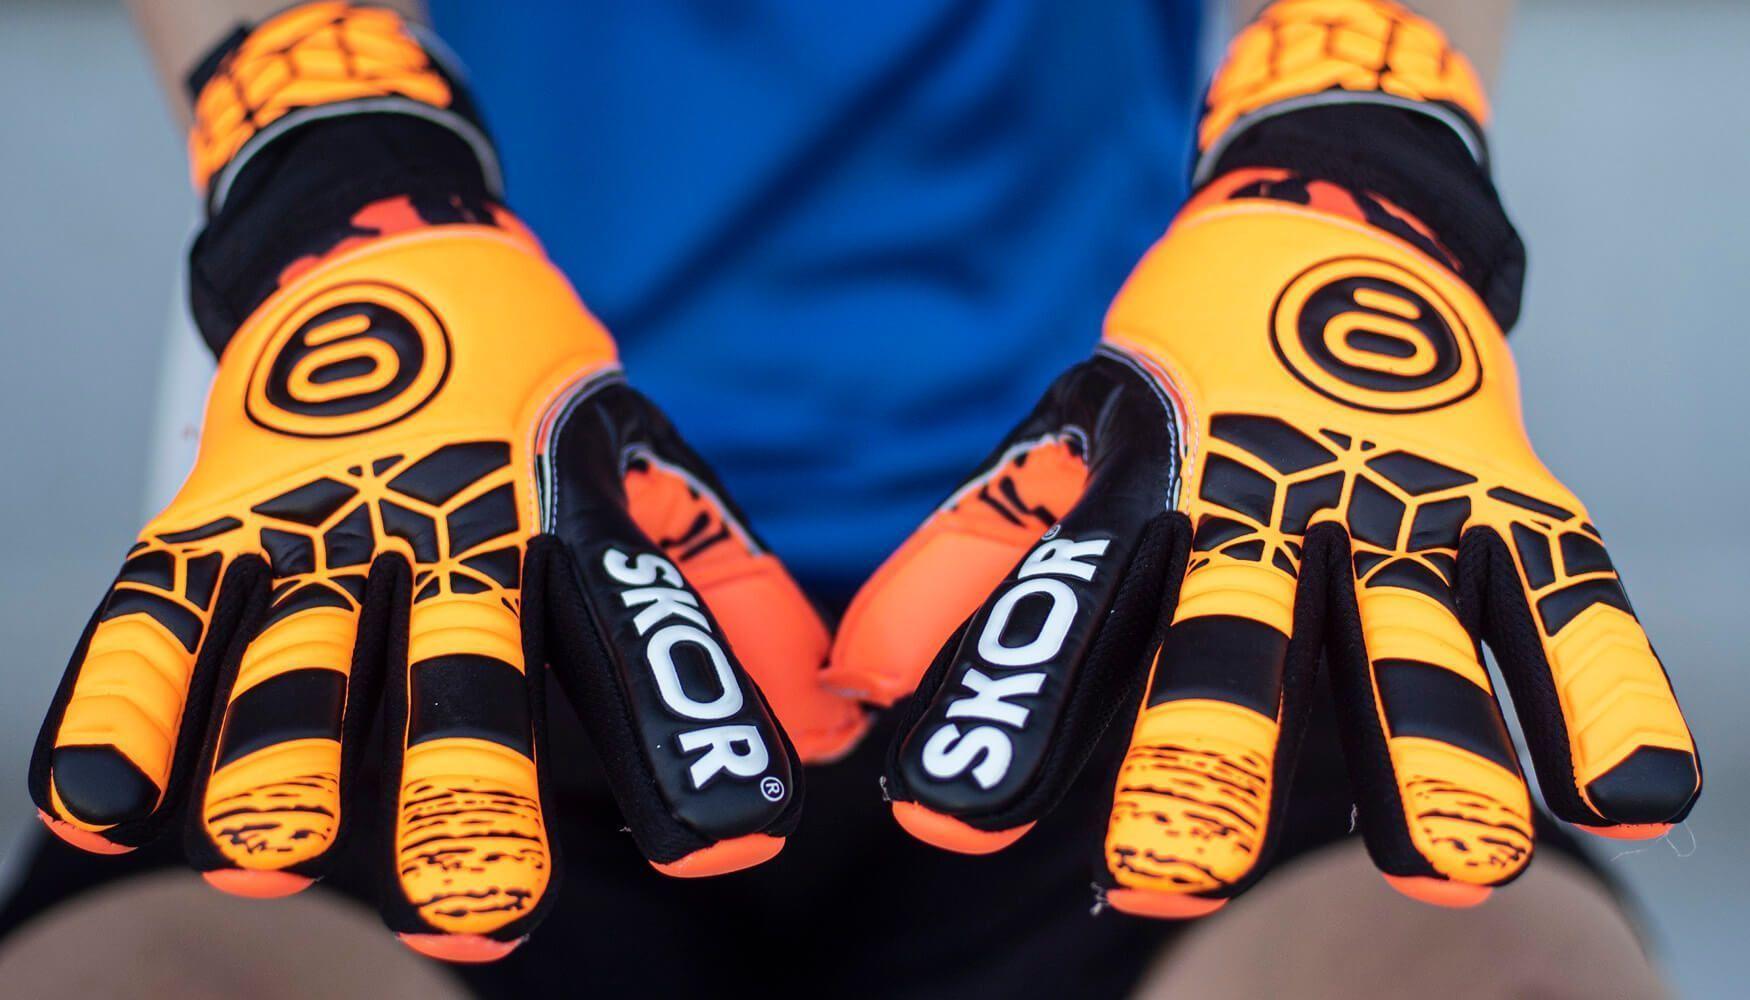 Nieuwe keepershandschoenen kopen? Hier 3 tips voor de aanschaf!